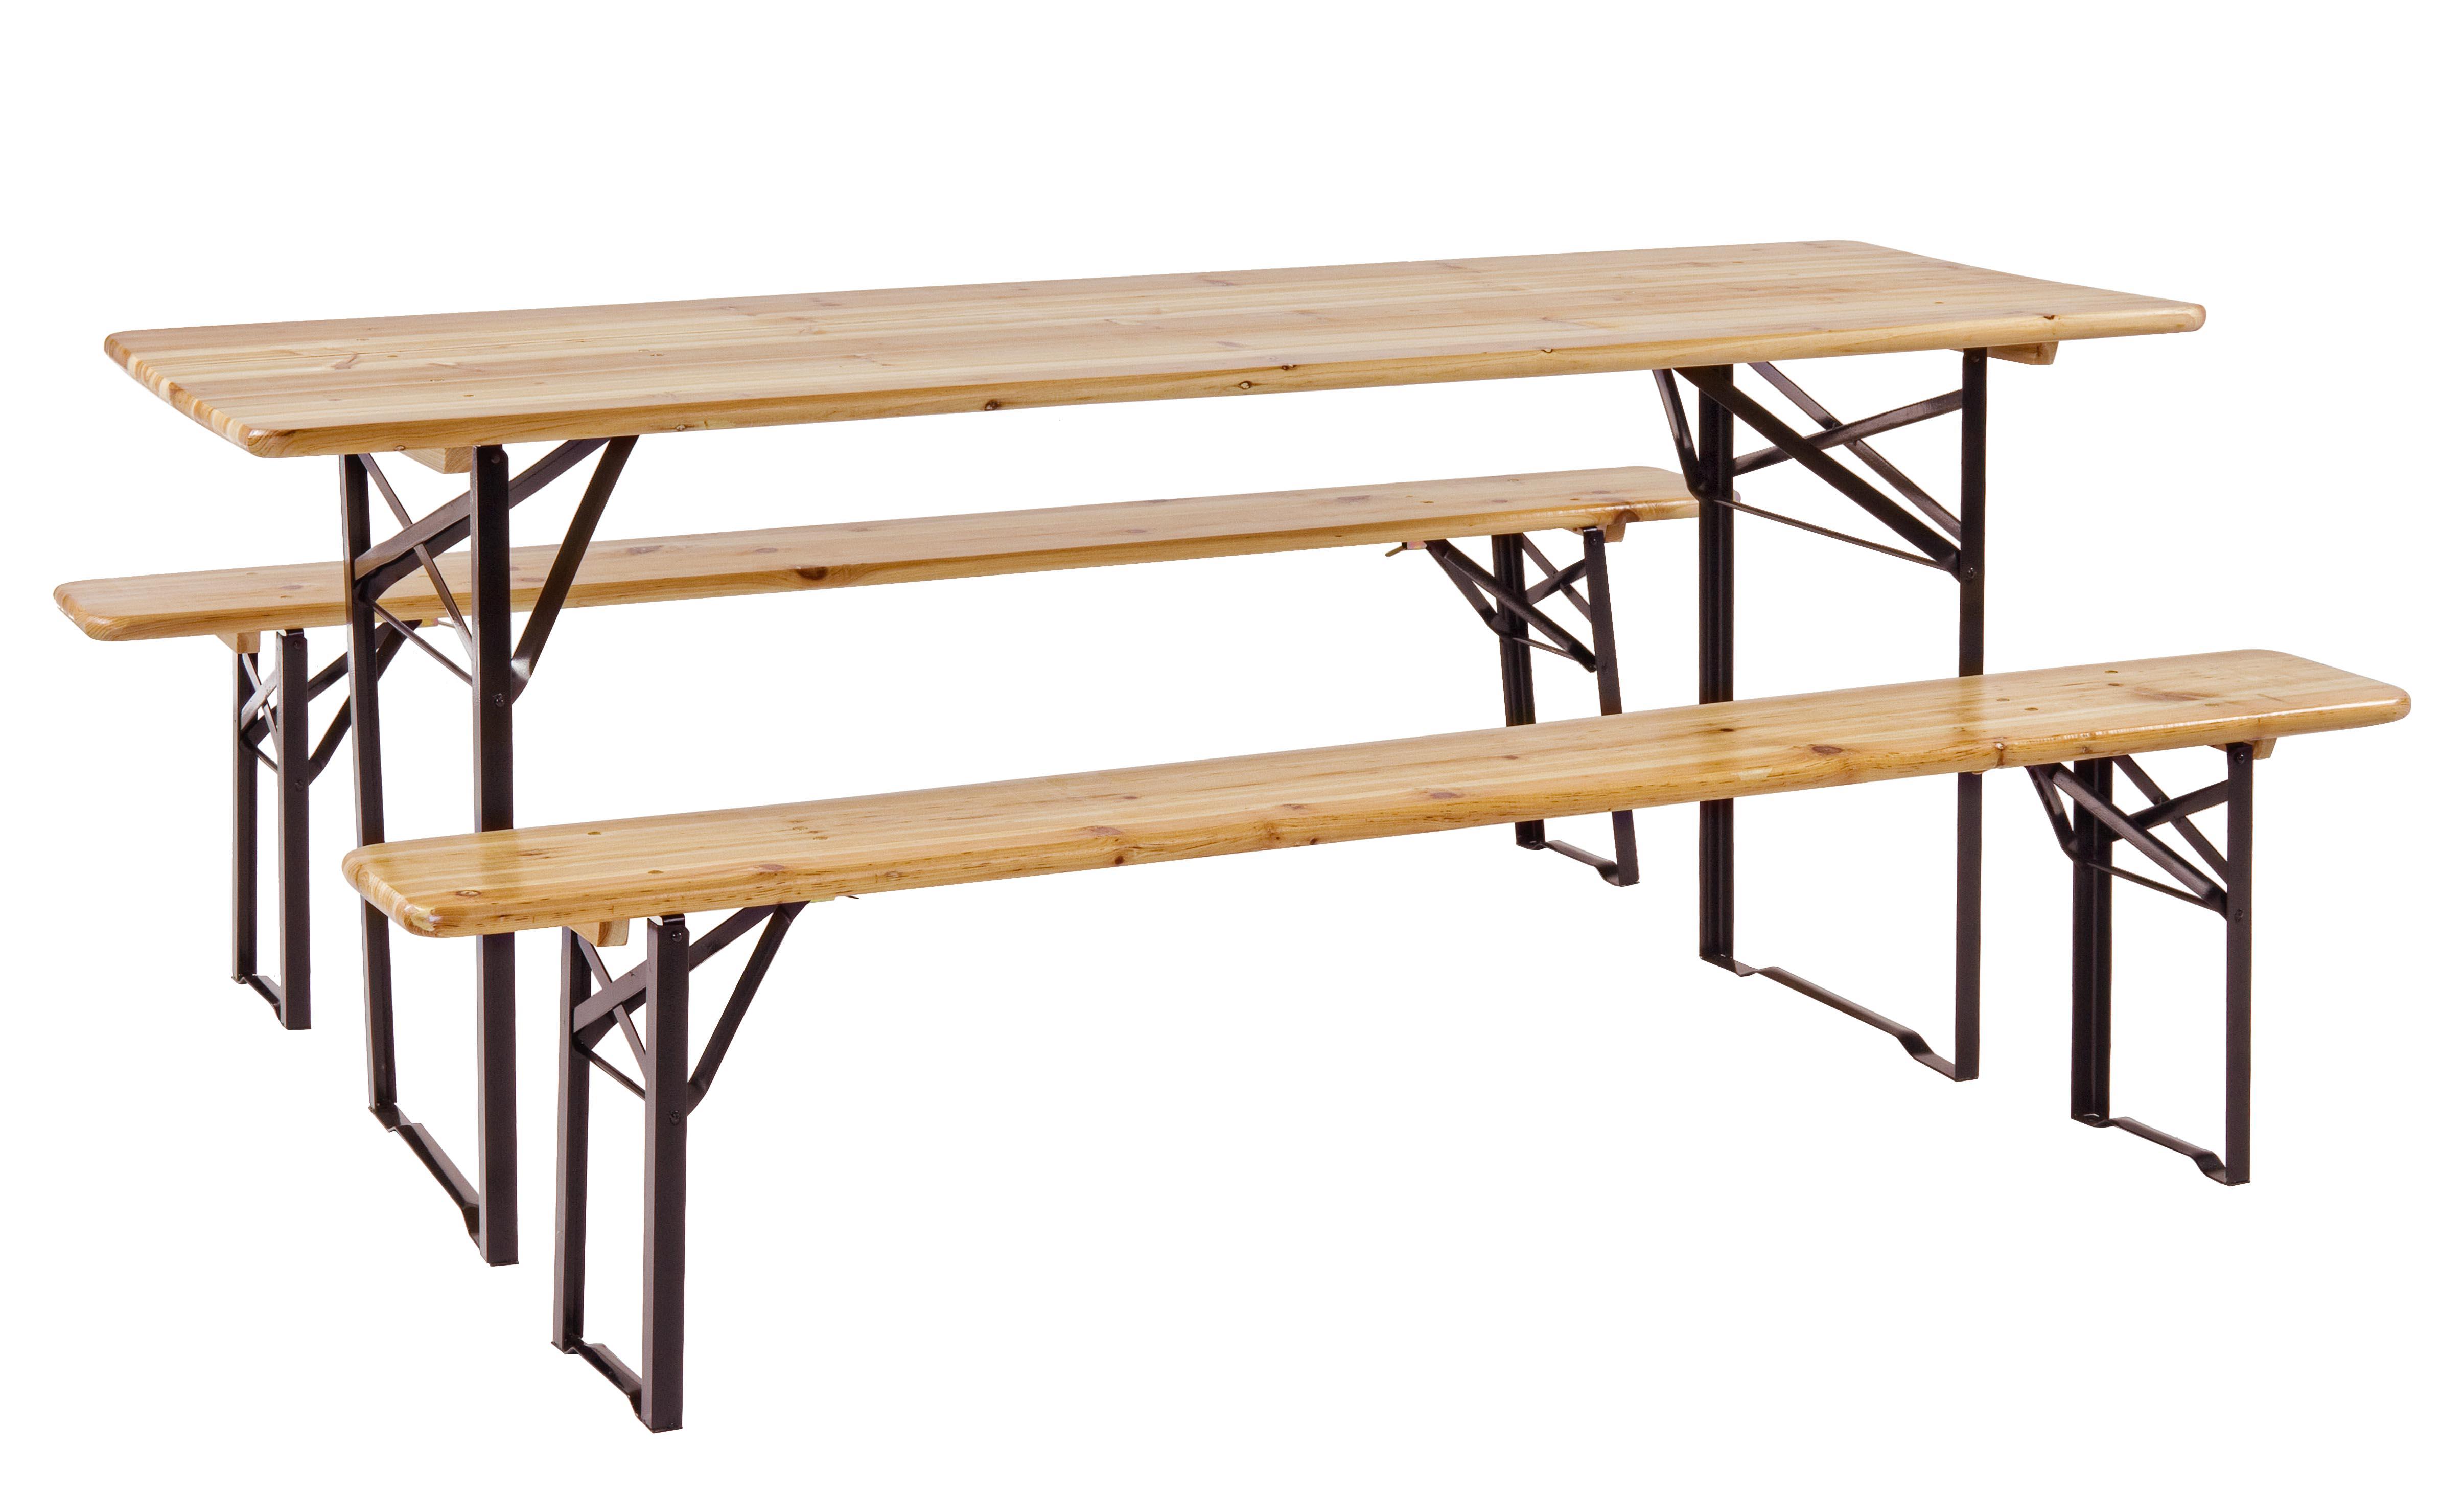 Tavolo Da Esterno In Legno Pieghevole.Set Tavolo Birreria 180x60 Cm Pieghevole Da Esterno Giardino Legno